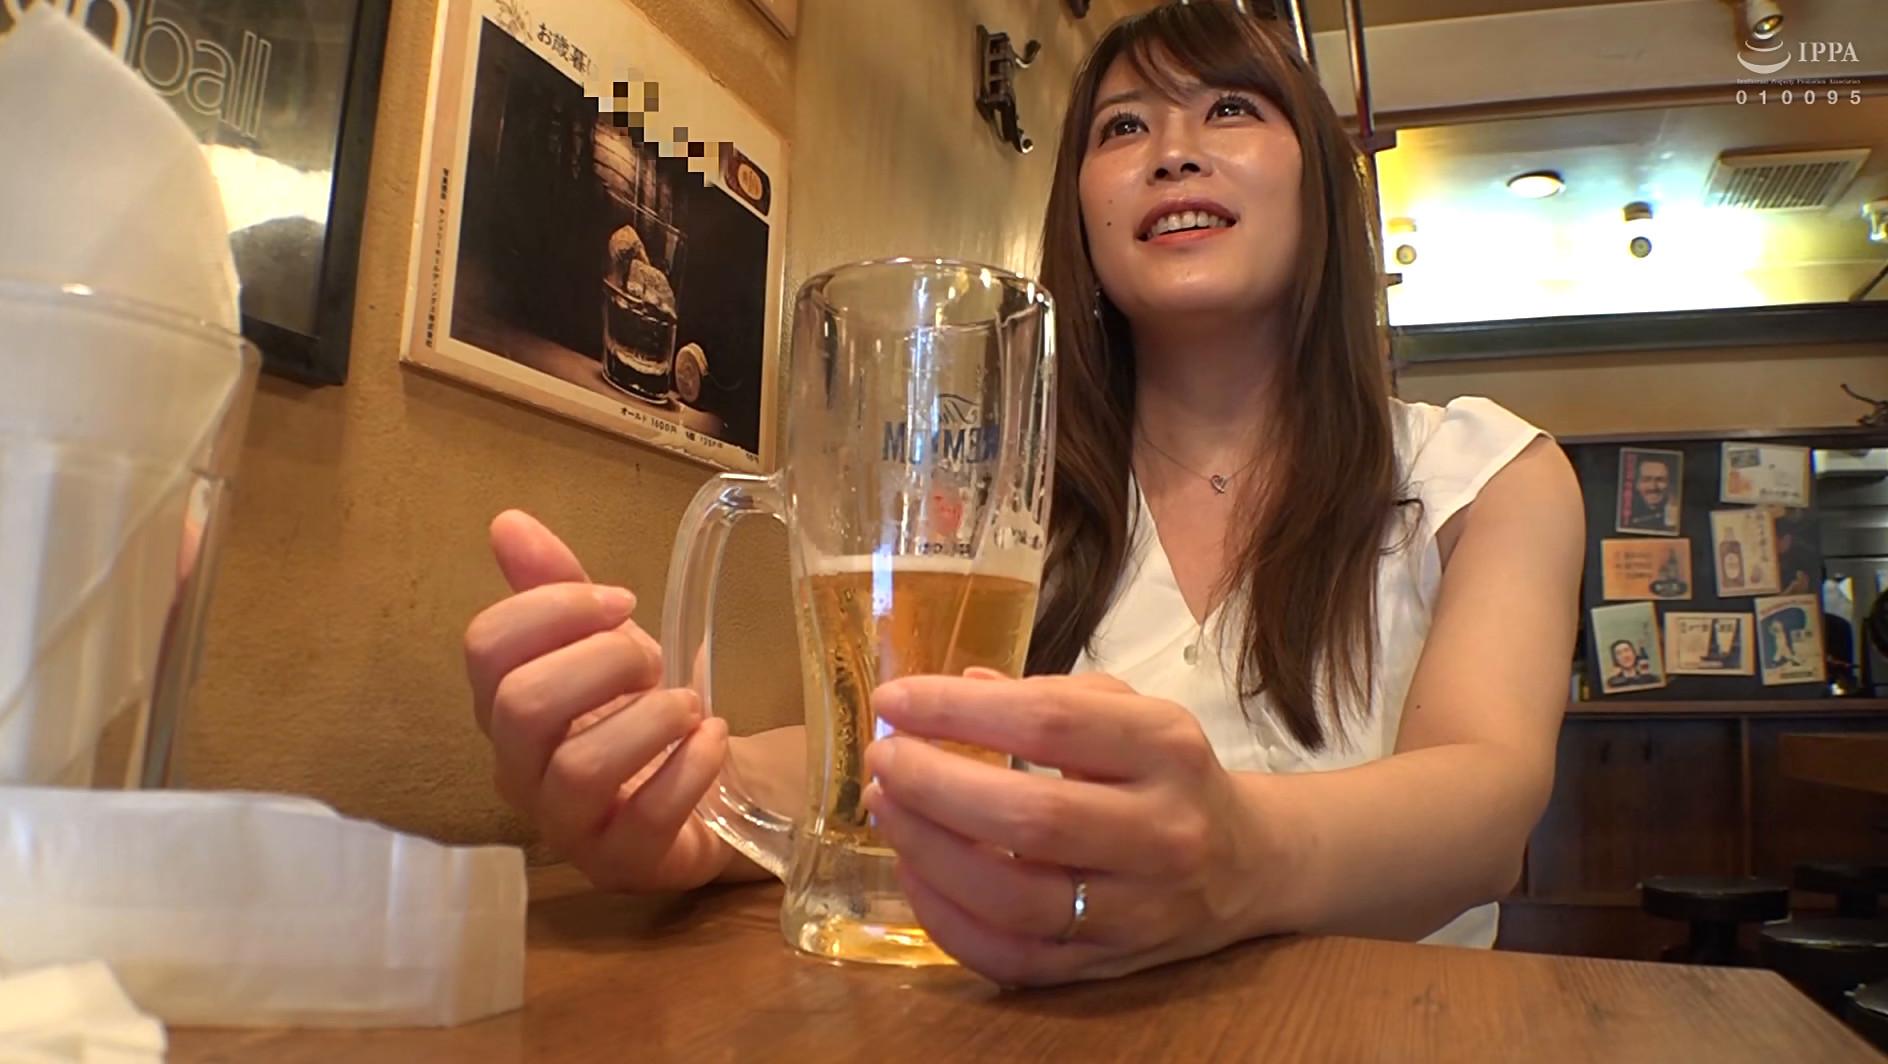 @新宿 地方の人妻限定 巨大バスターミナル前で訳アリ人妻をナンパしてみた 6 画像1